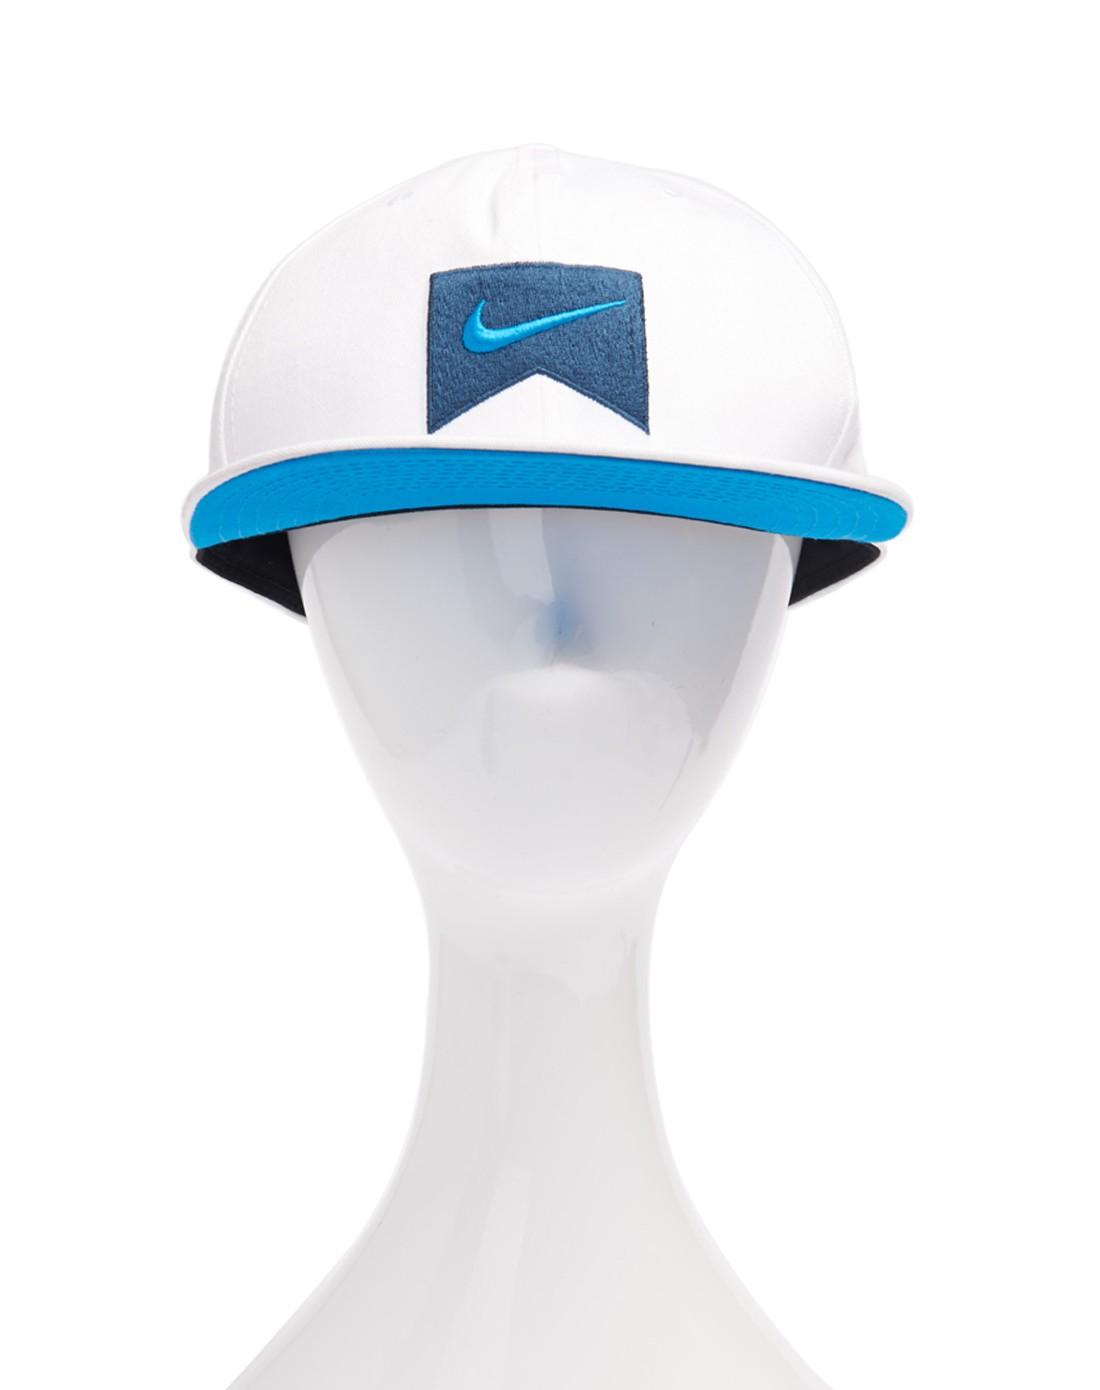 中性白色极限运动帽子